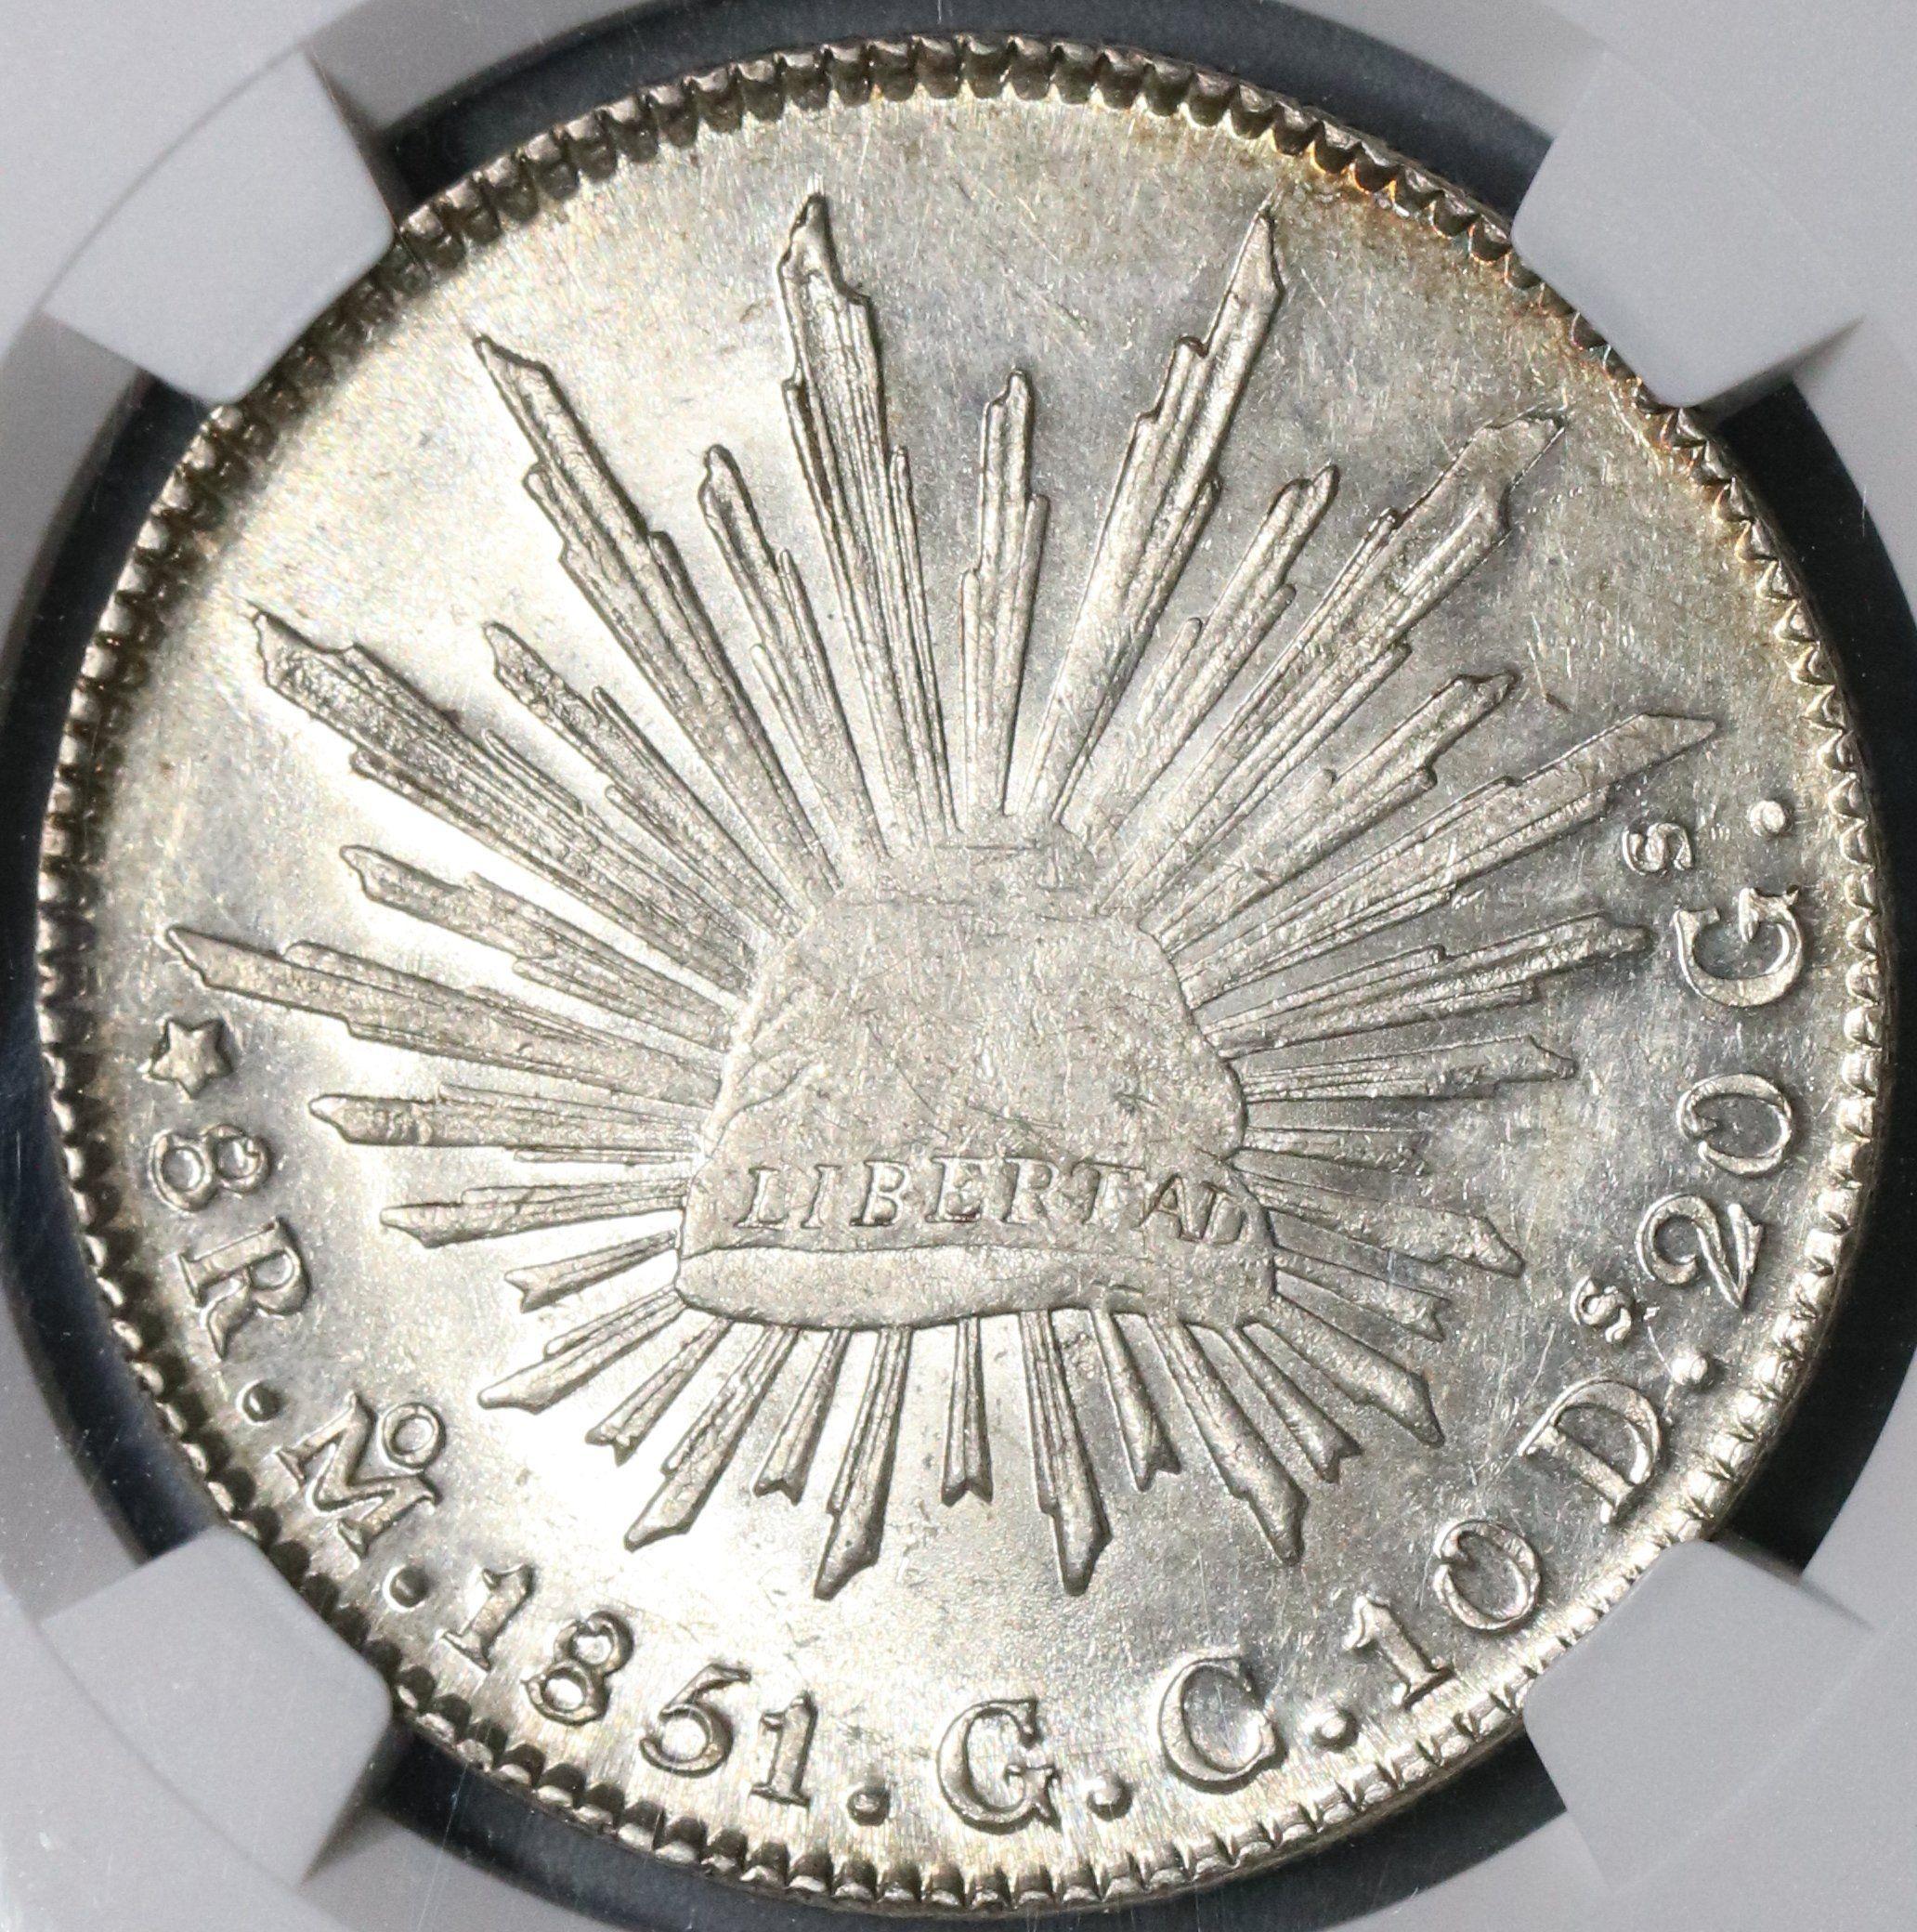 1851 Mo Ngc Ms 62 Mexico 8 Reales Silver Coin Rare Grade Pop 2 3 18090505c Monedas Moneda Mexicana Joyas